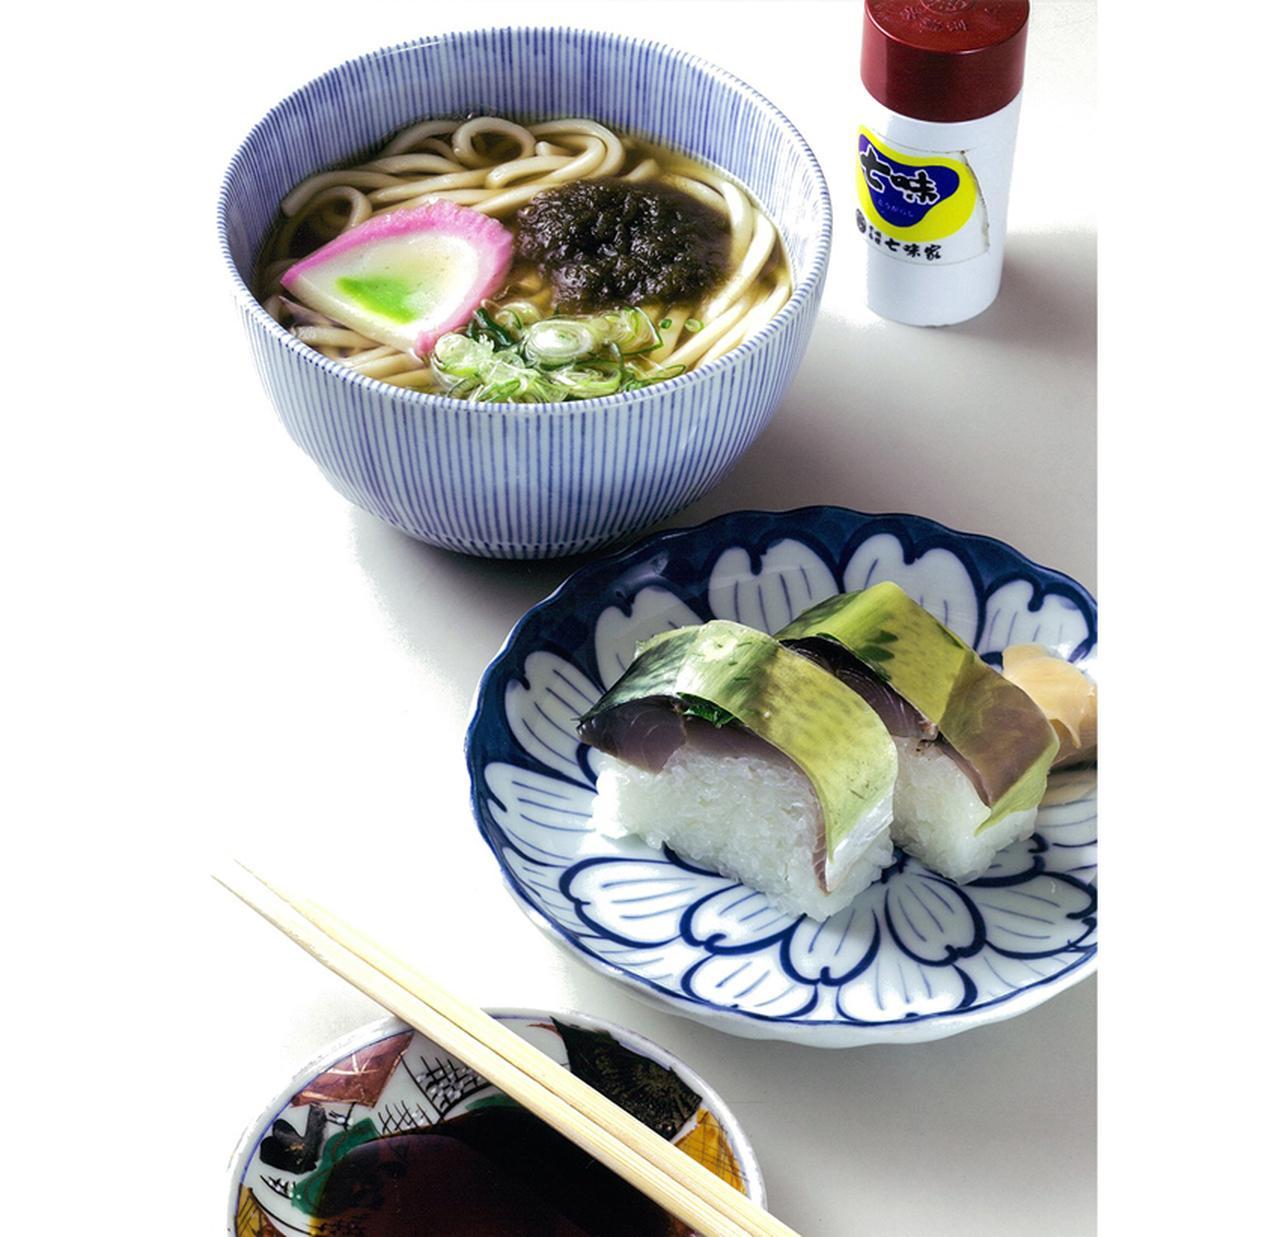 満寿形屋の鯖寿司セット